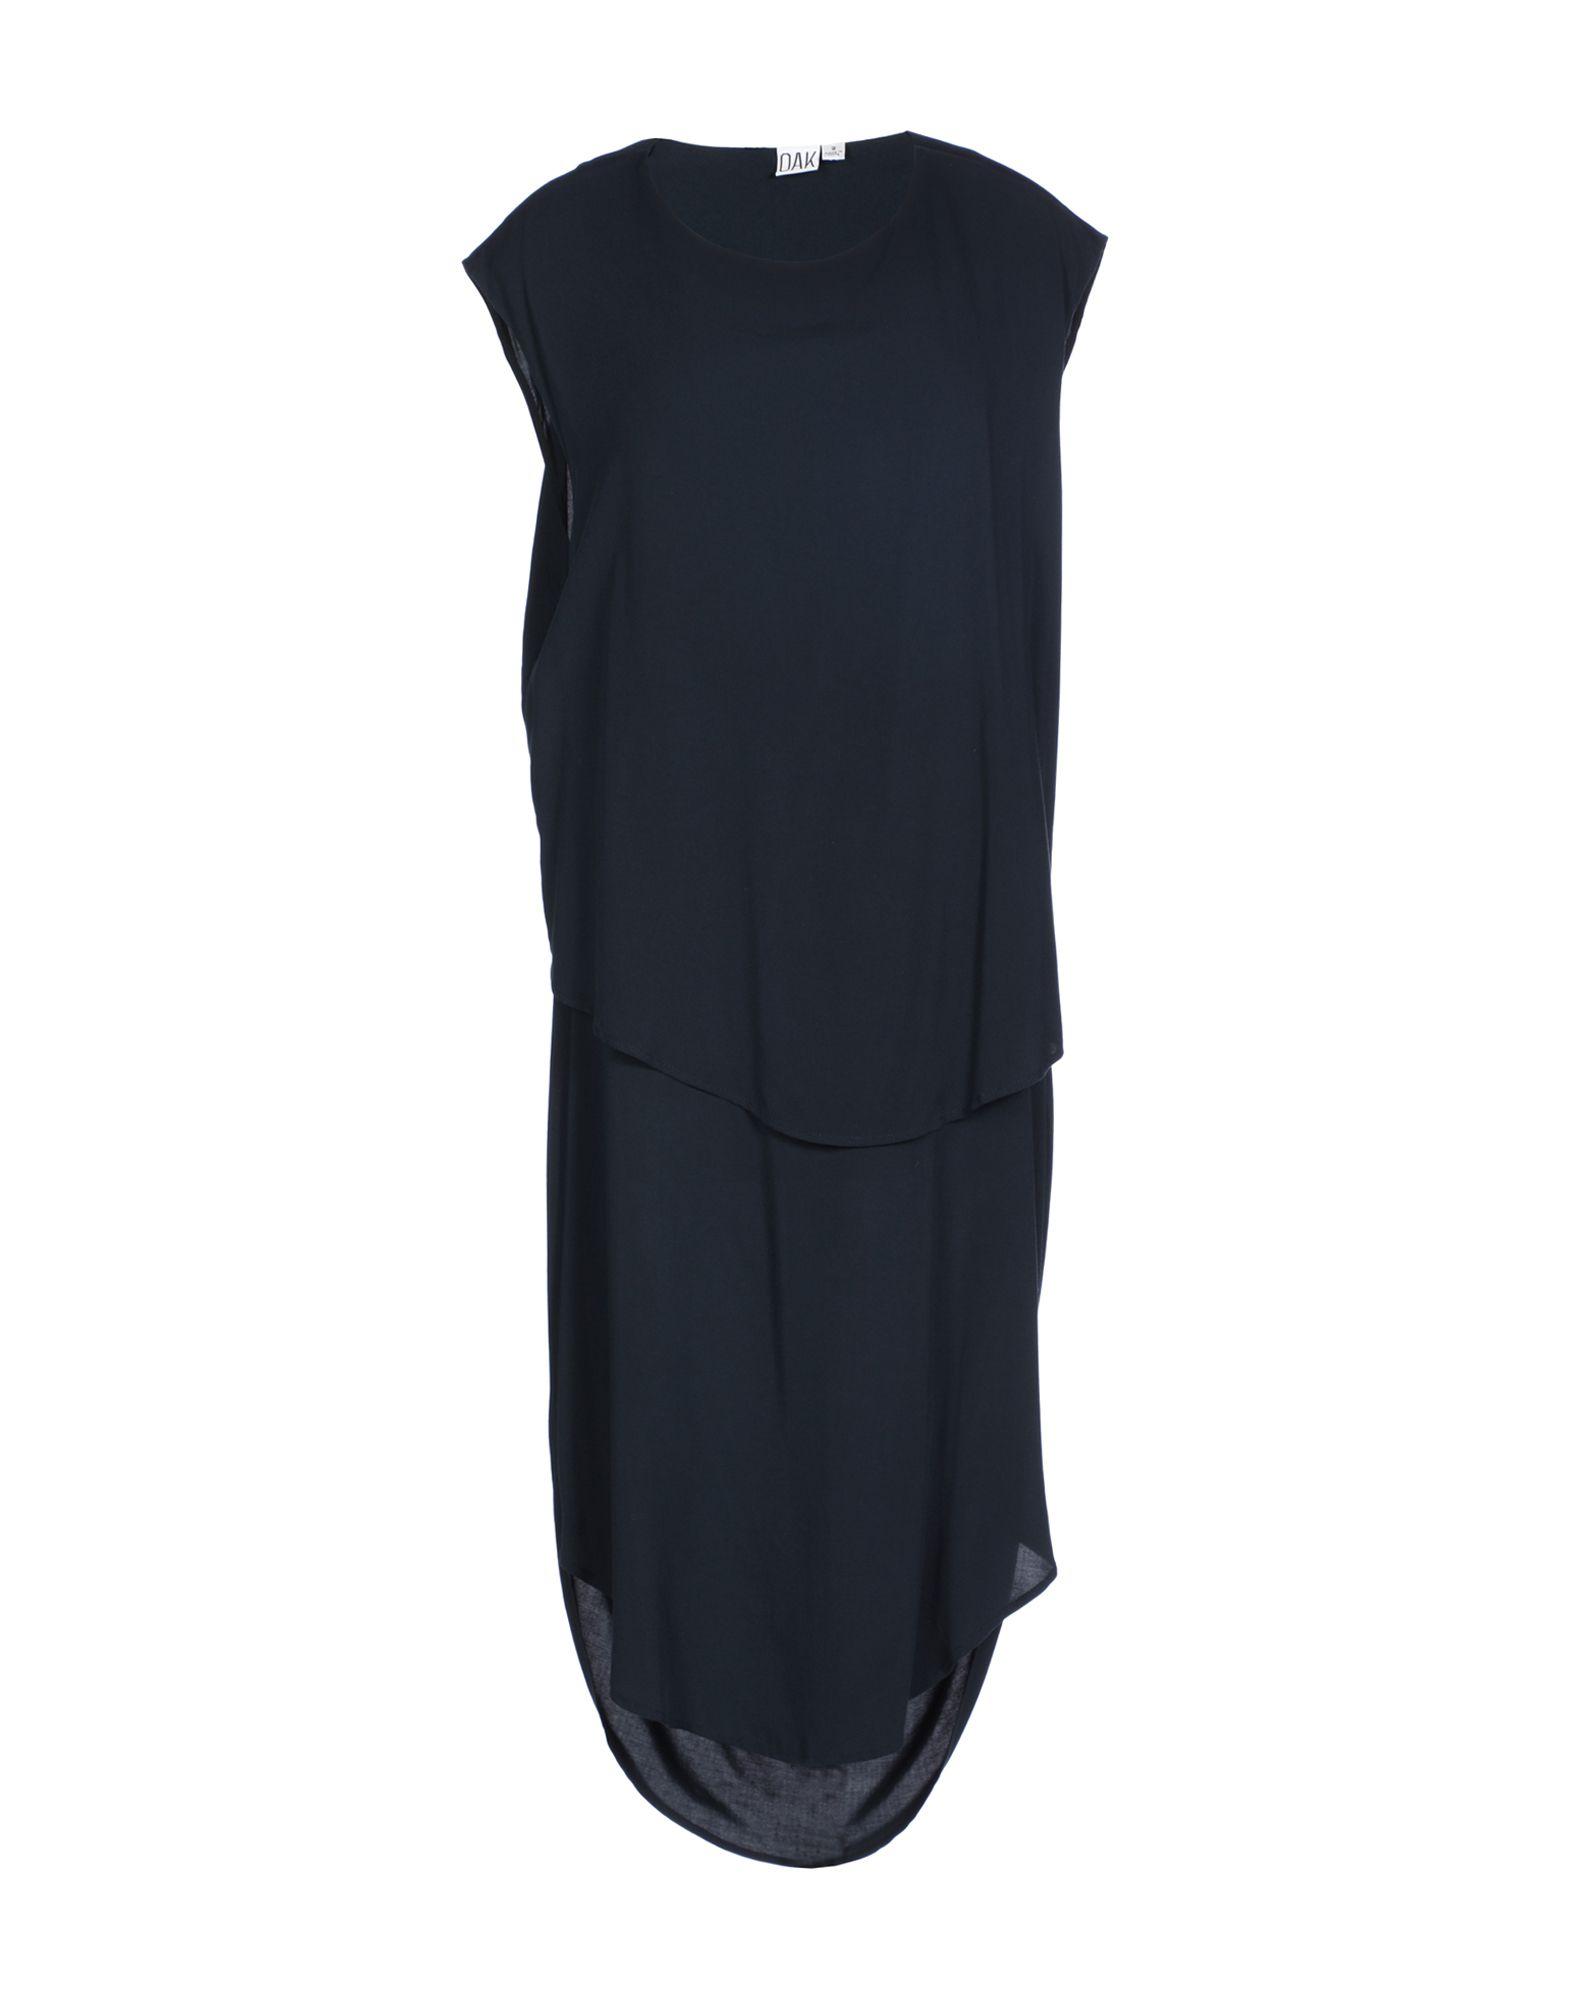 OAK Knee-Length Dress in Dark Blue